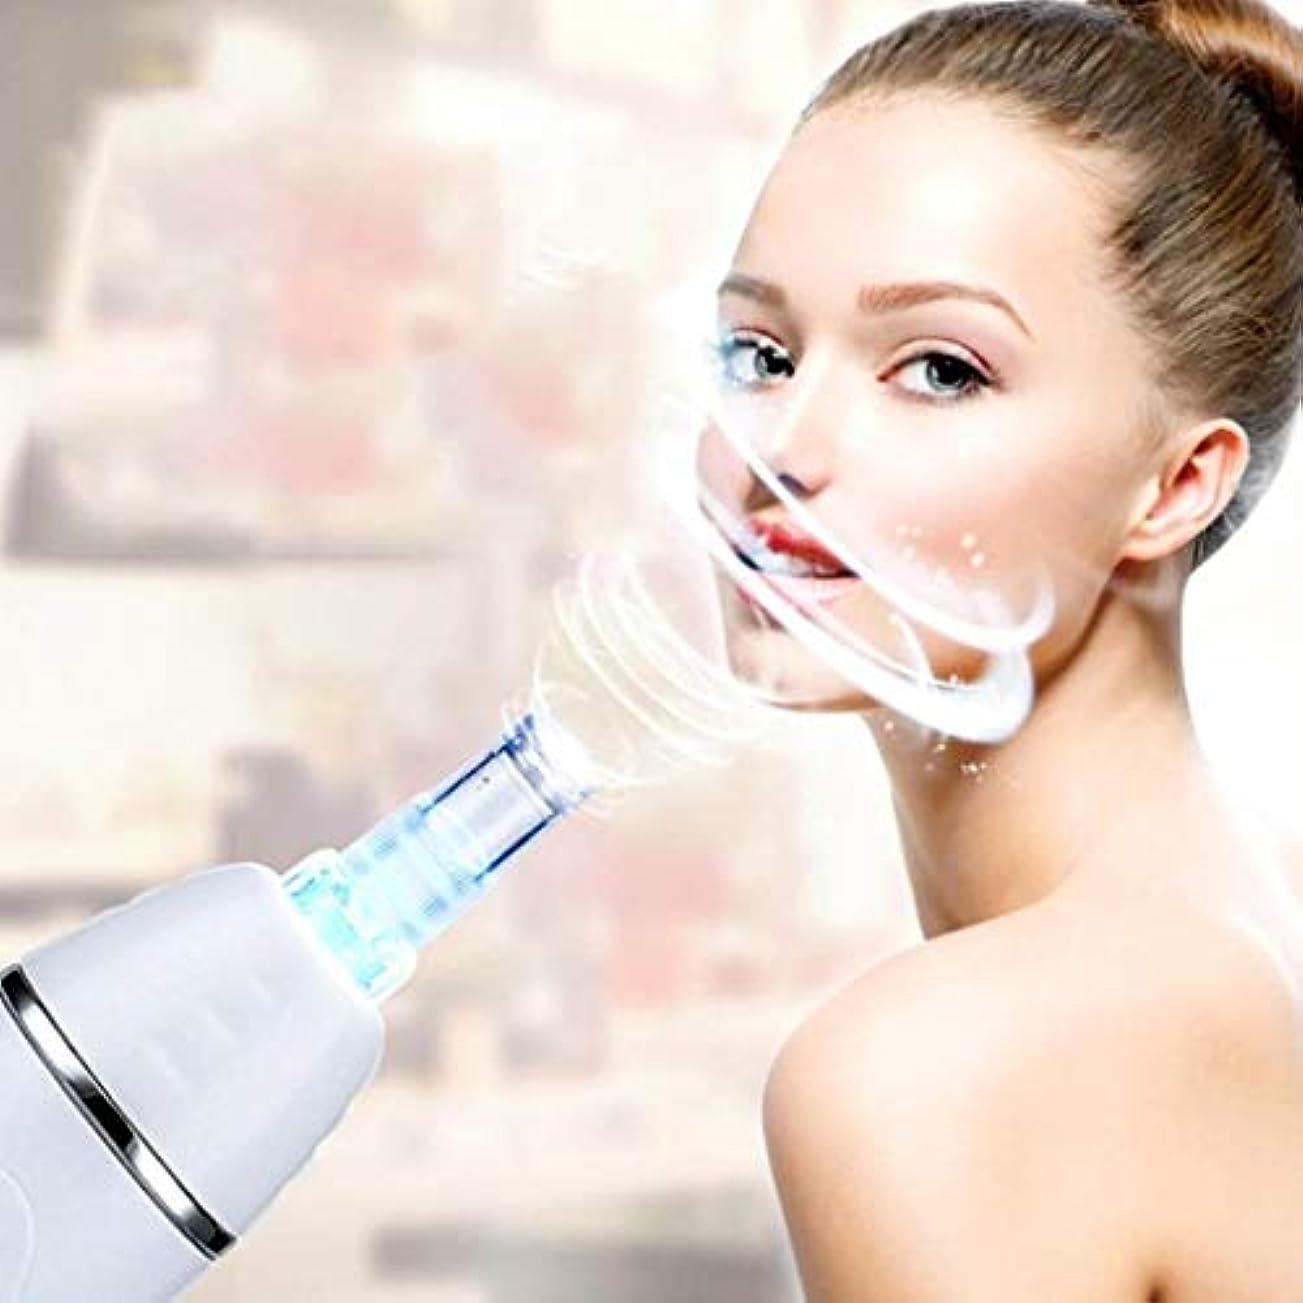 シーンバブル通常美容機器、顔にきび毛穴クリーナー、にきびの除去、しわ、メラニンの沈殿を減らす